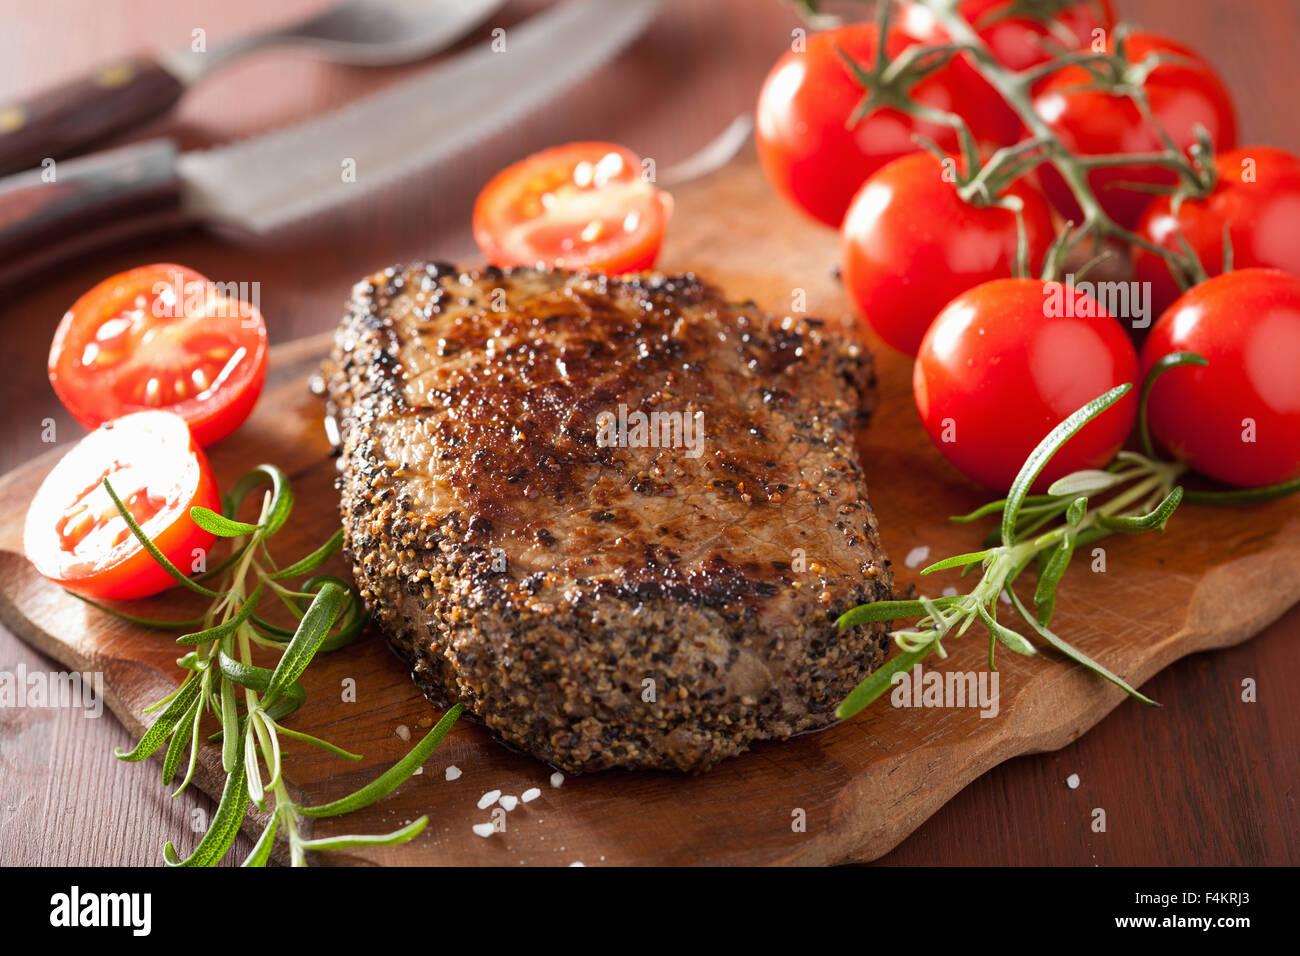 Pavé de boeuf aux épices et de romarin sur fond de bois Photo Stock